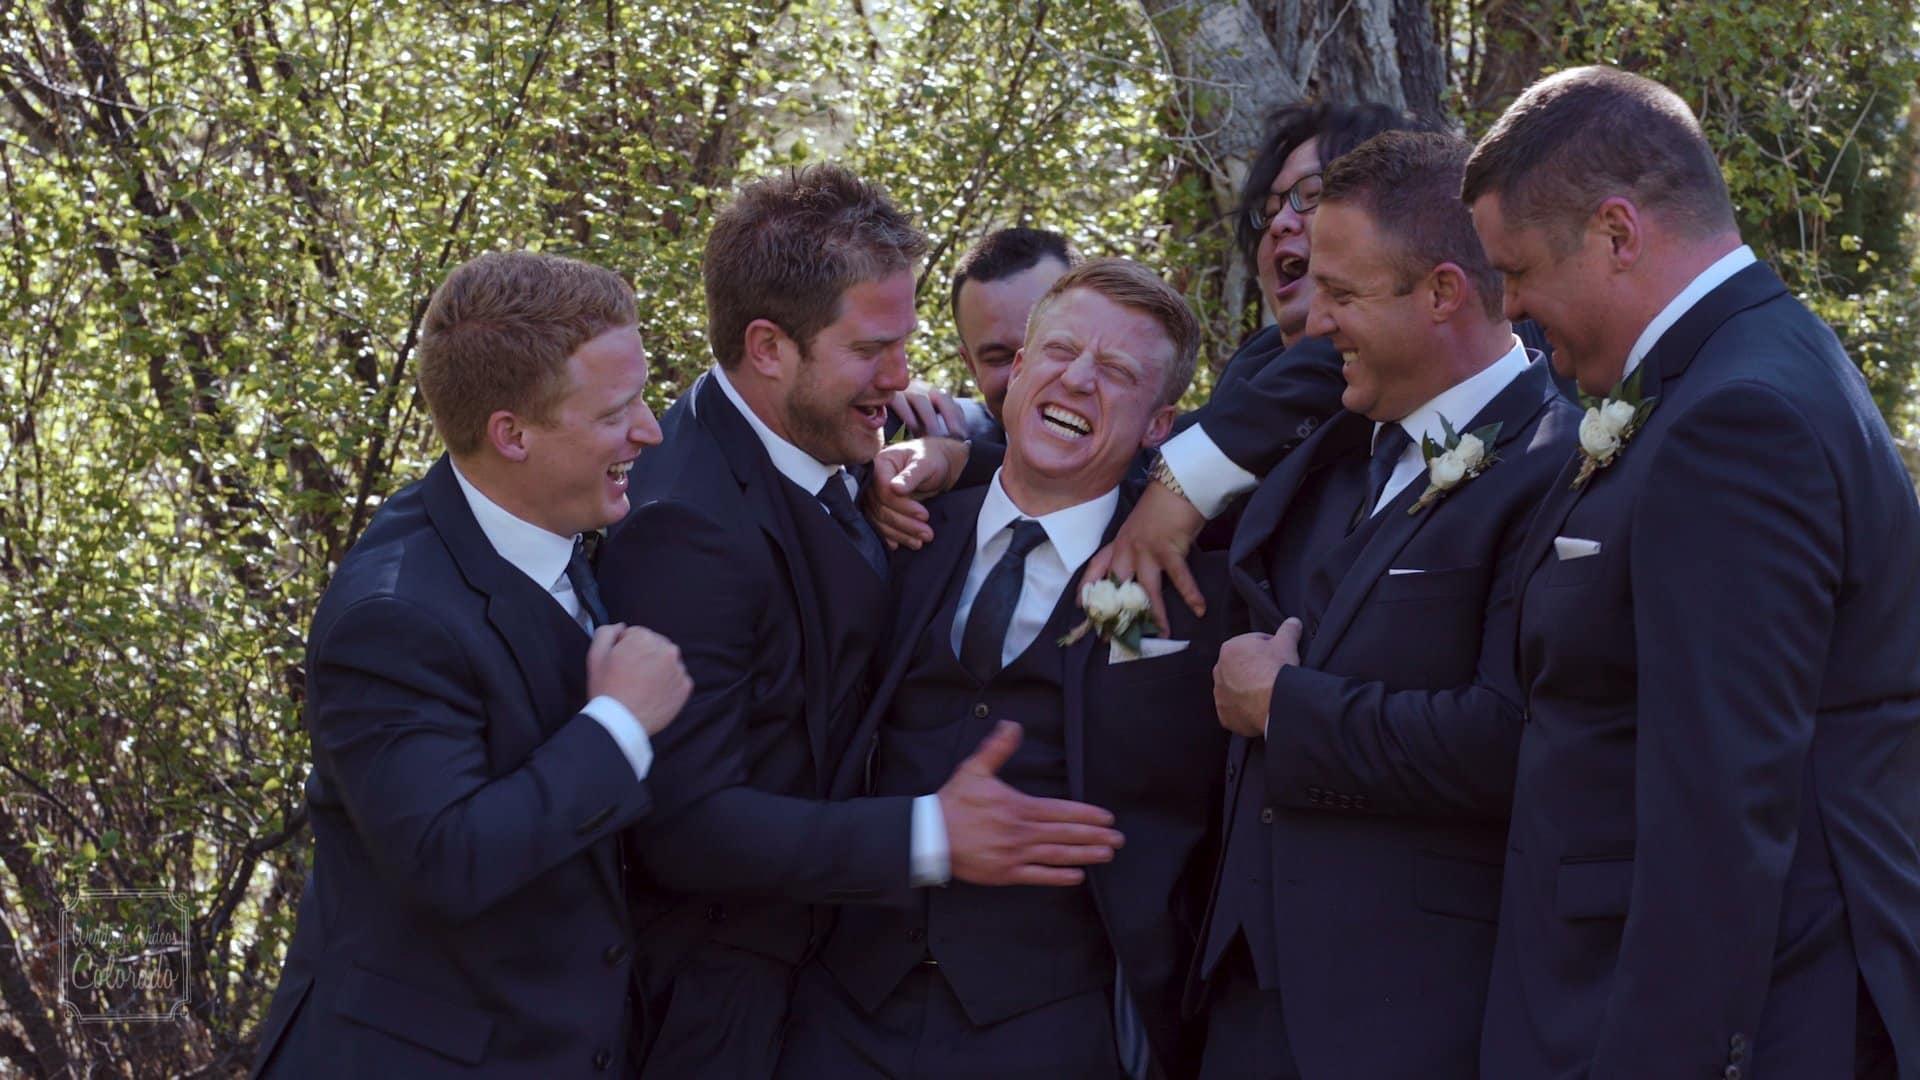 mount princeton hot springs wedding